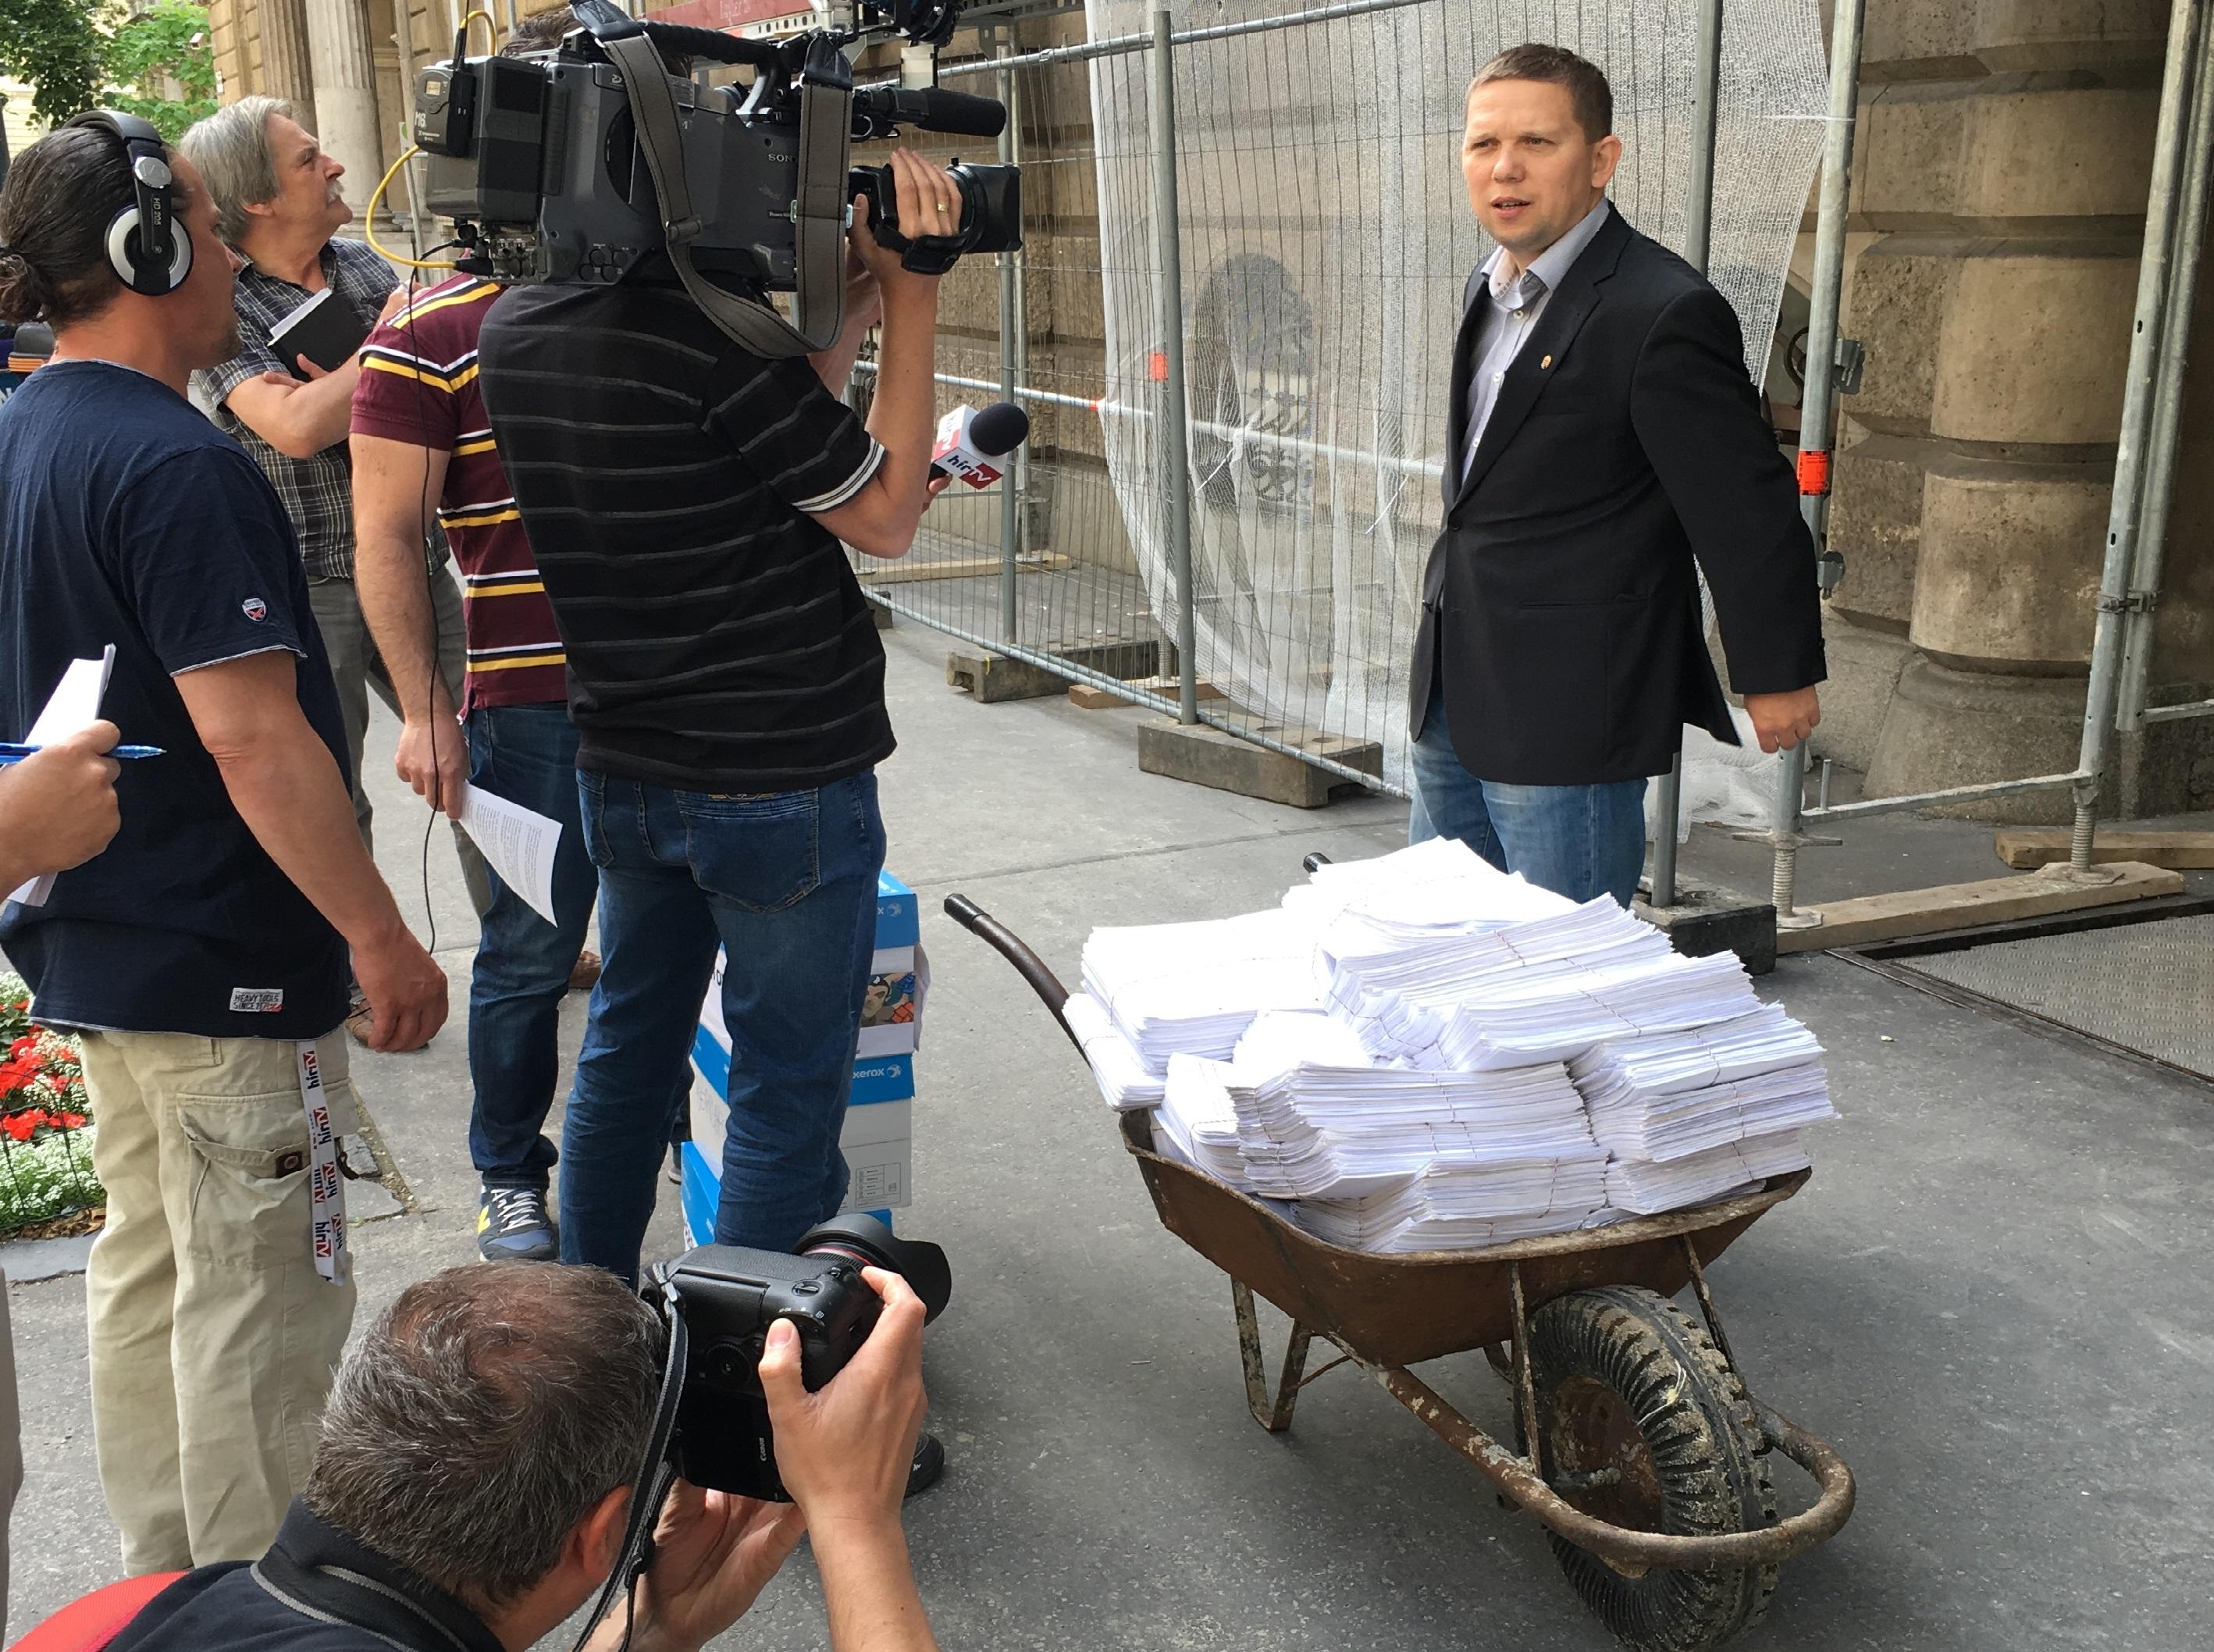 Kész Zoltán leadott 190 ezer aláírást a bérplafonos népszavazásért